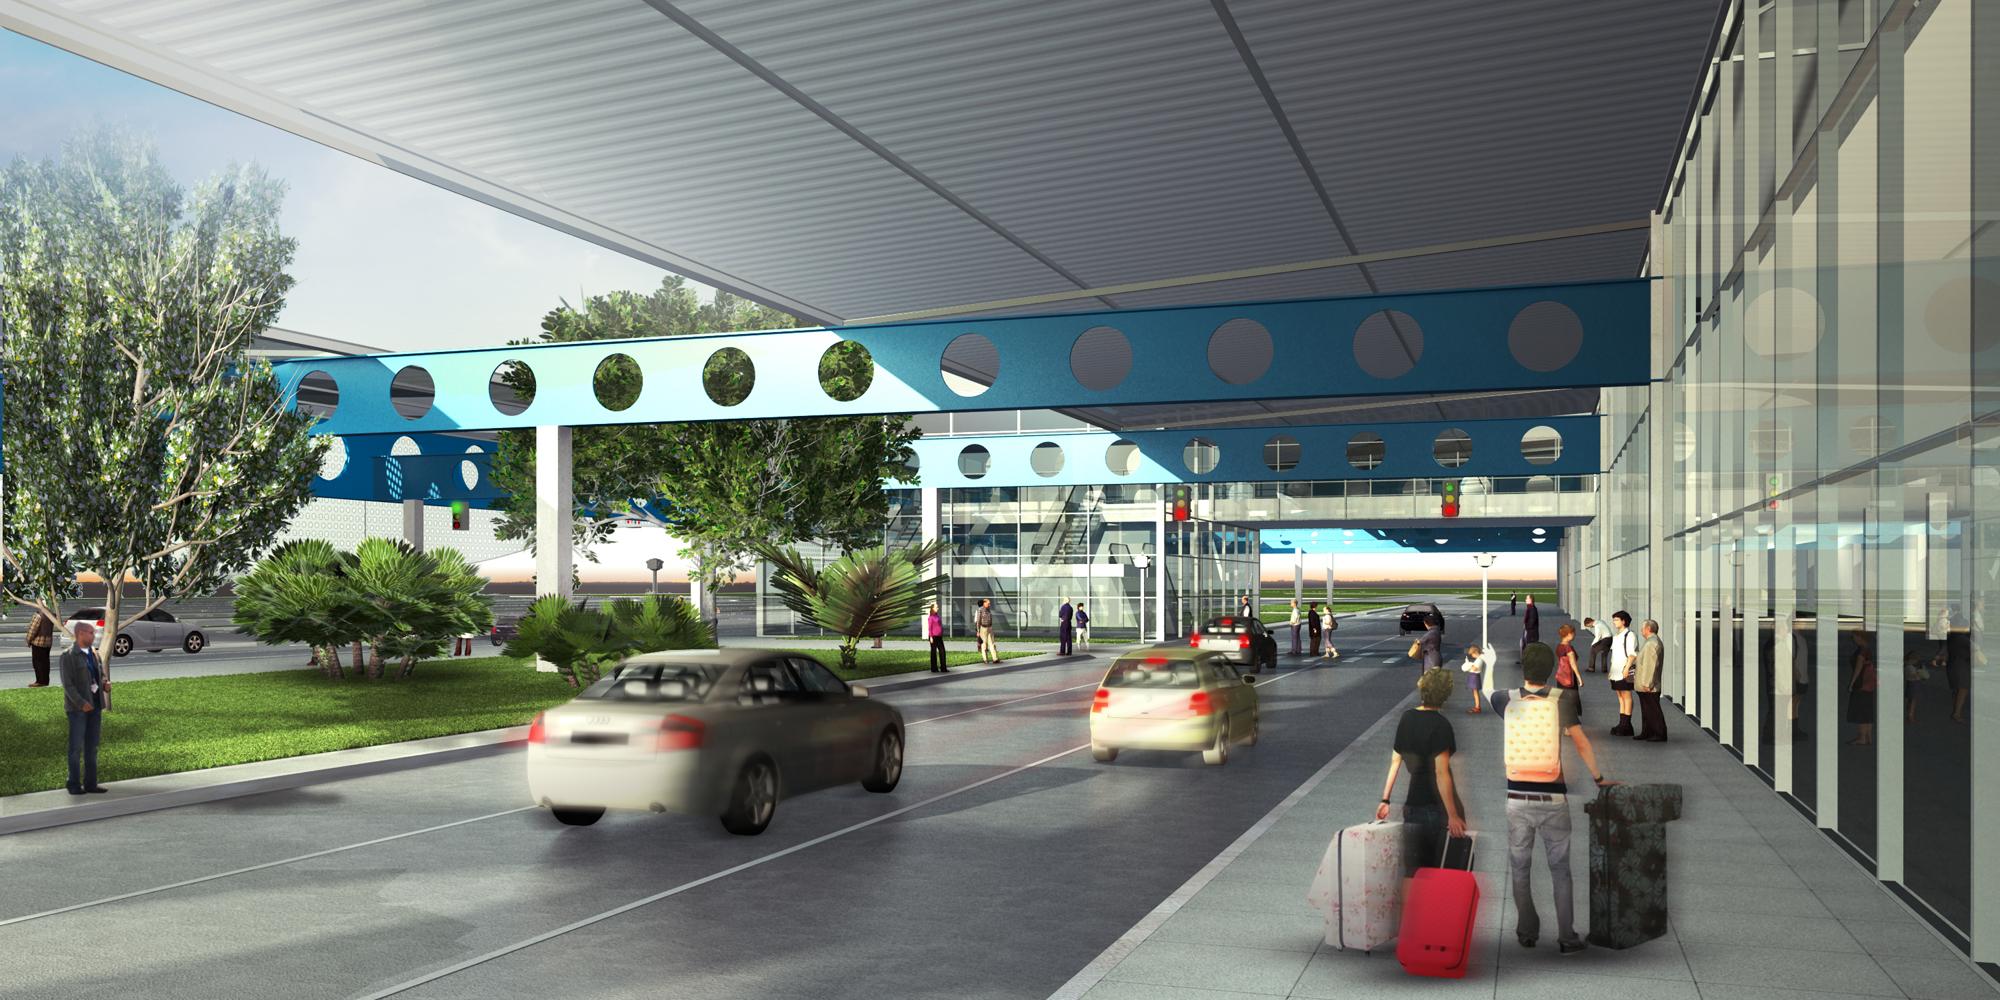 Companhias LATAM e Gol vão cancelar 164 voos durante as obras no Aeroporto de Natal